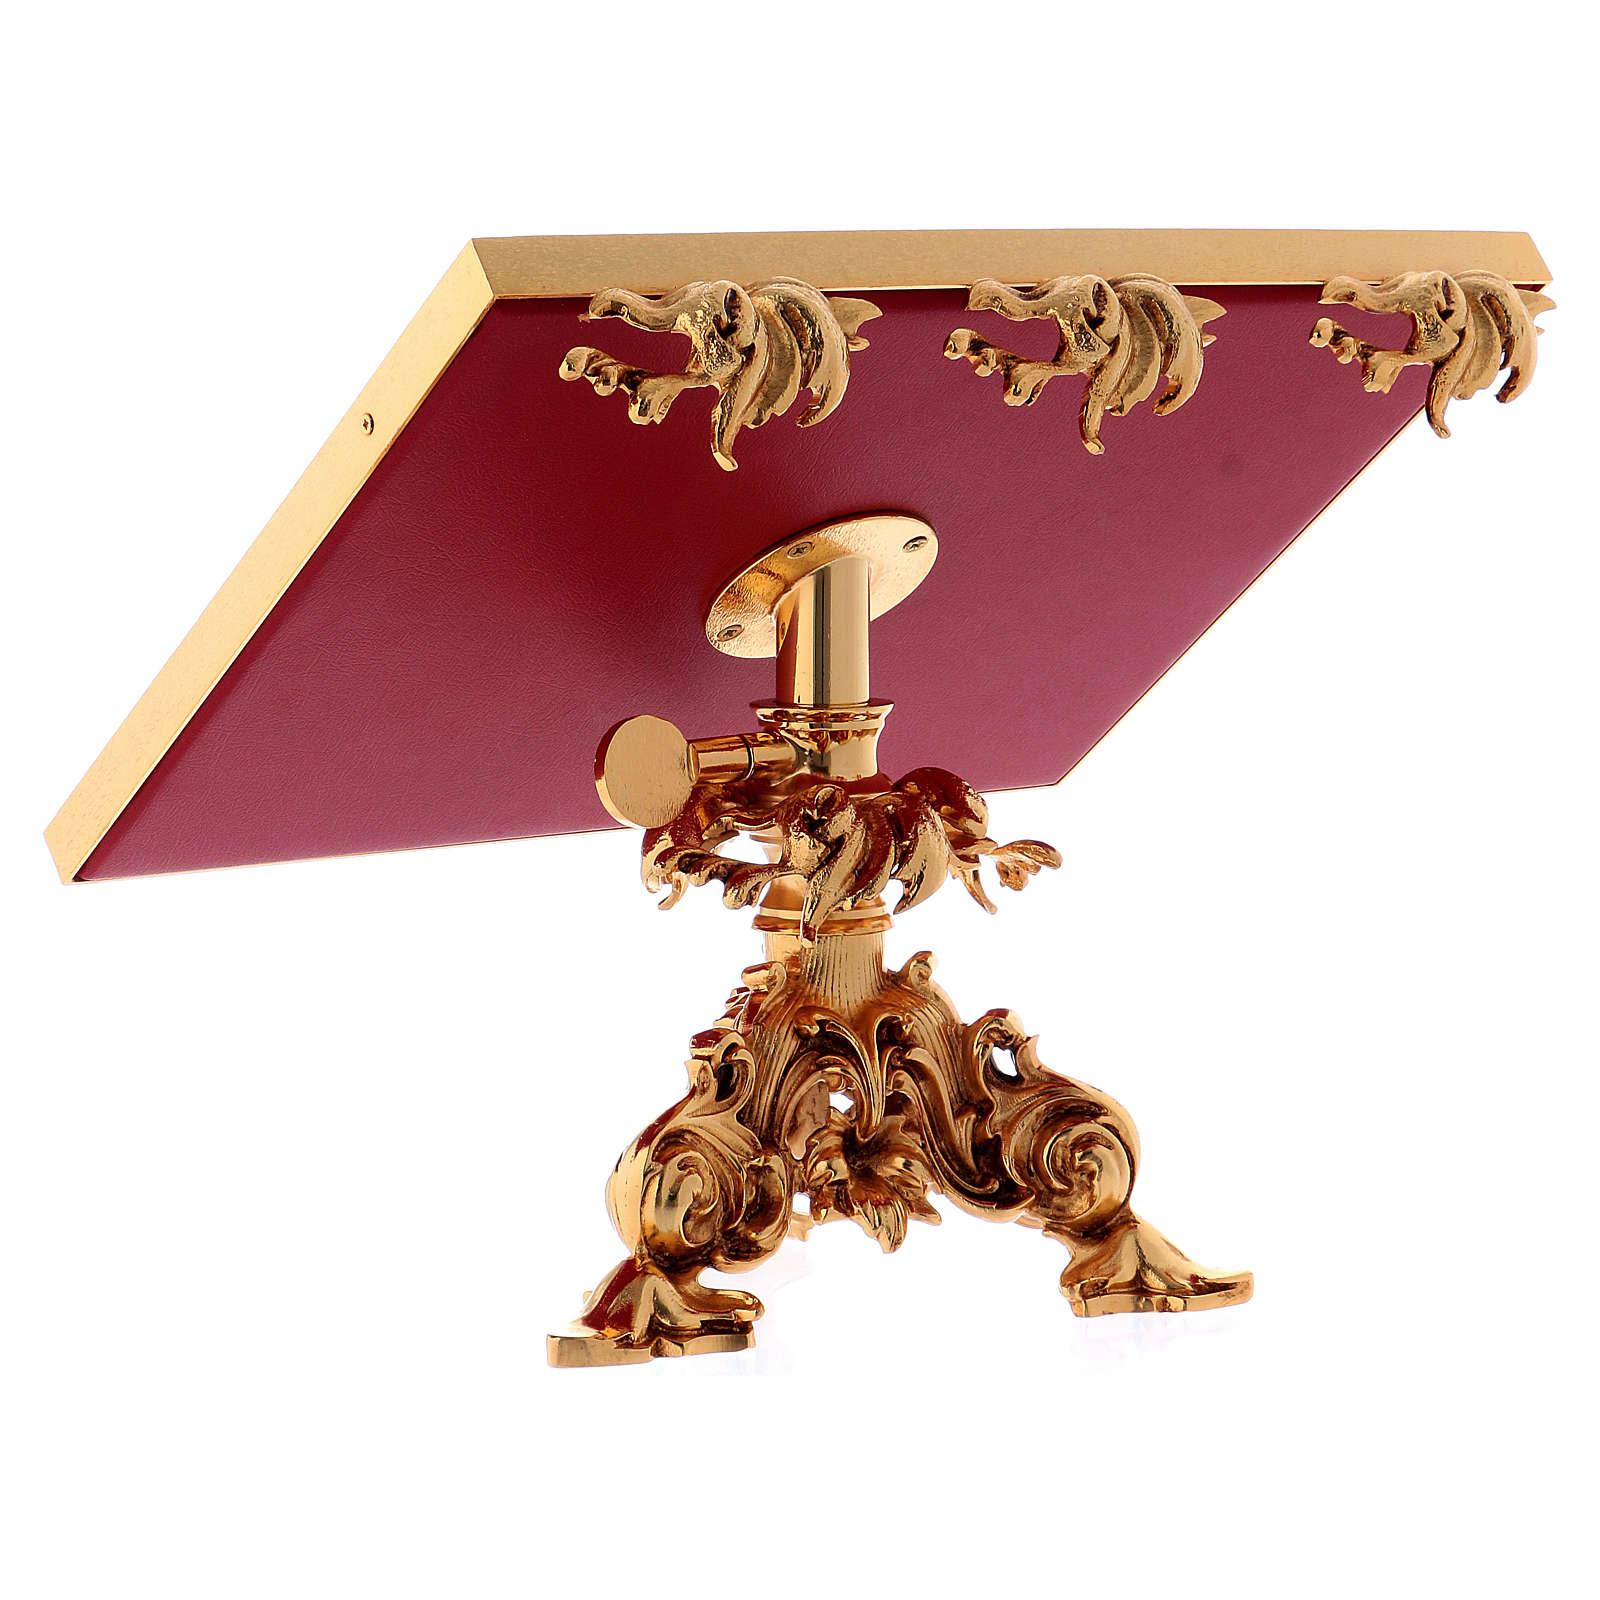 Atril de mesa giratorio latón fundido bañado en oro 24K 4